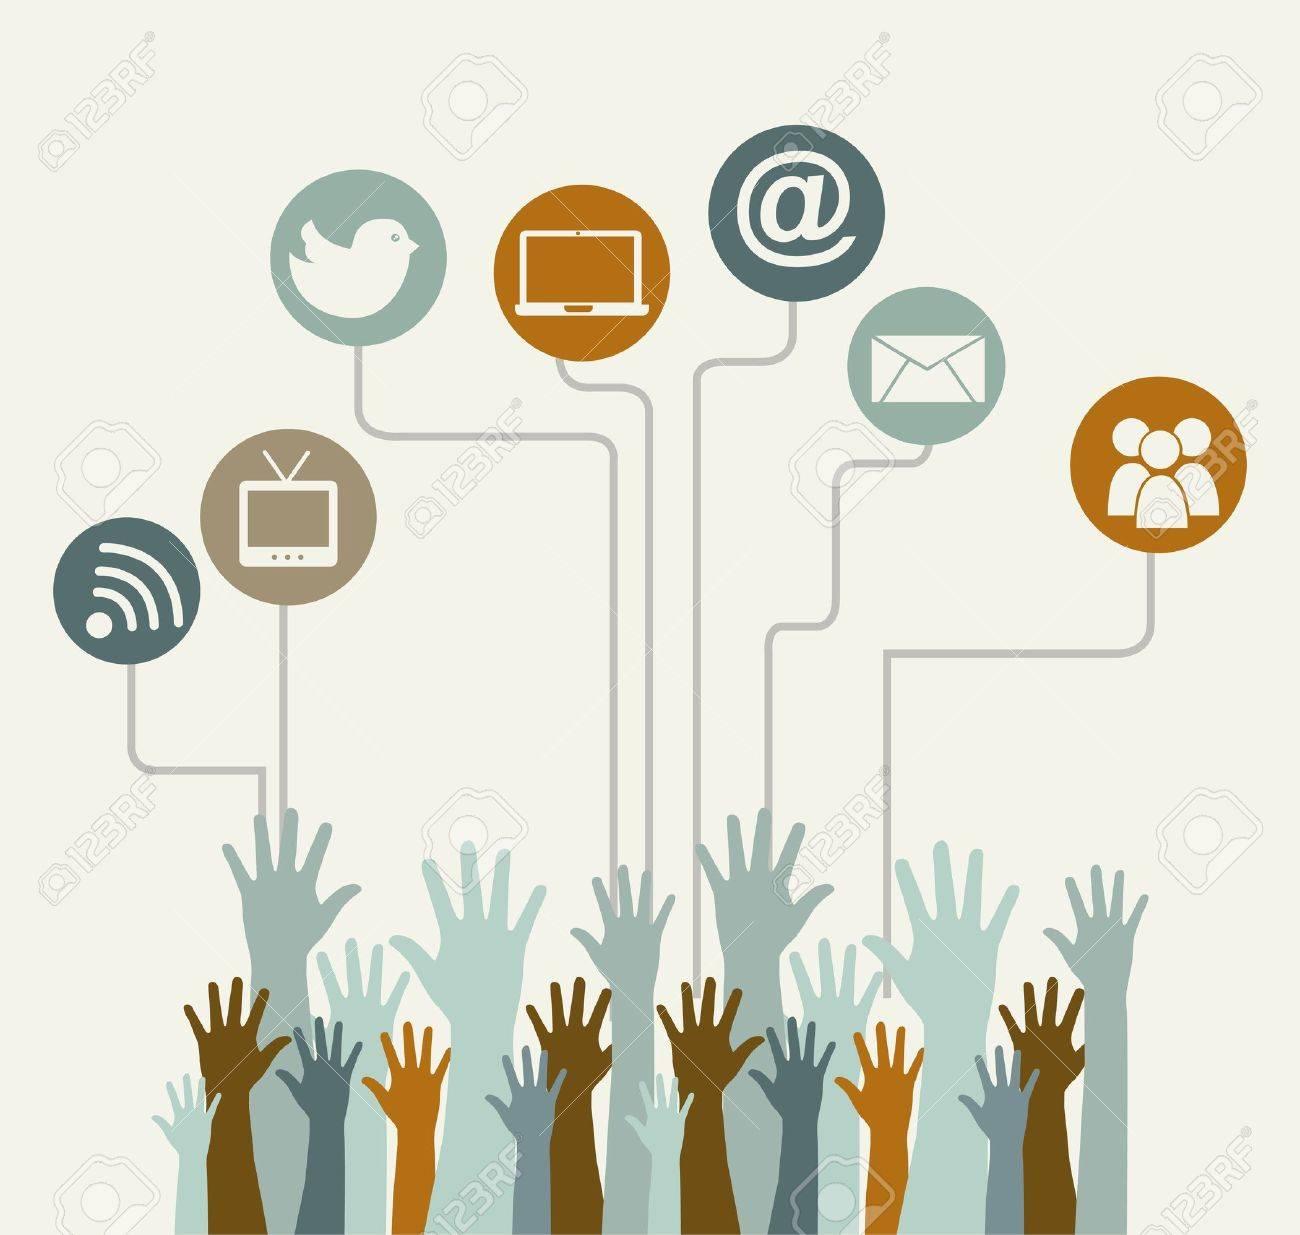 social media vintage over beige background illustration Stock Vector - 19306528